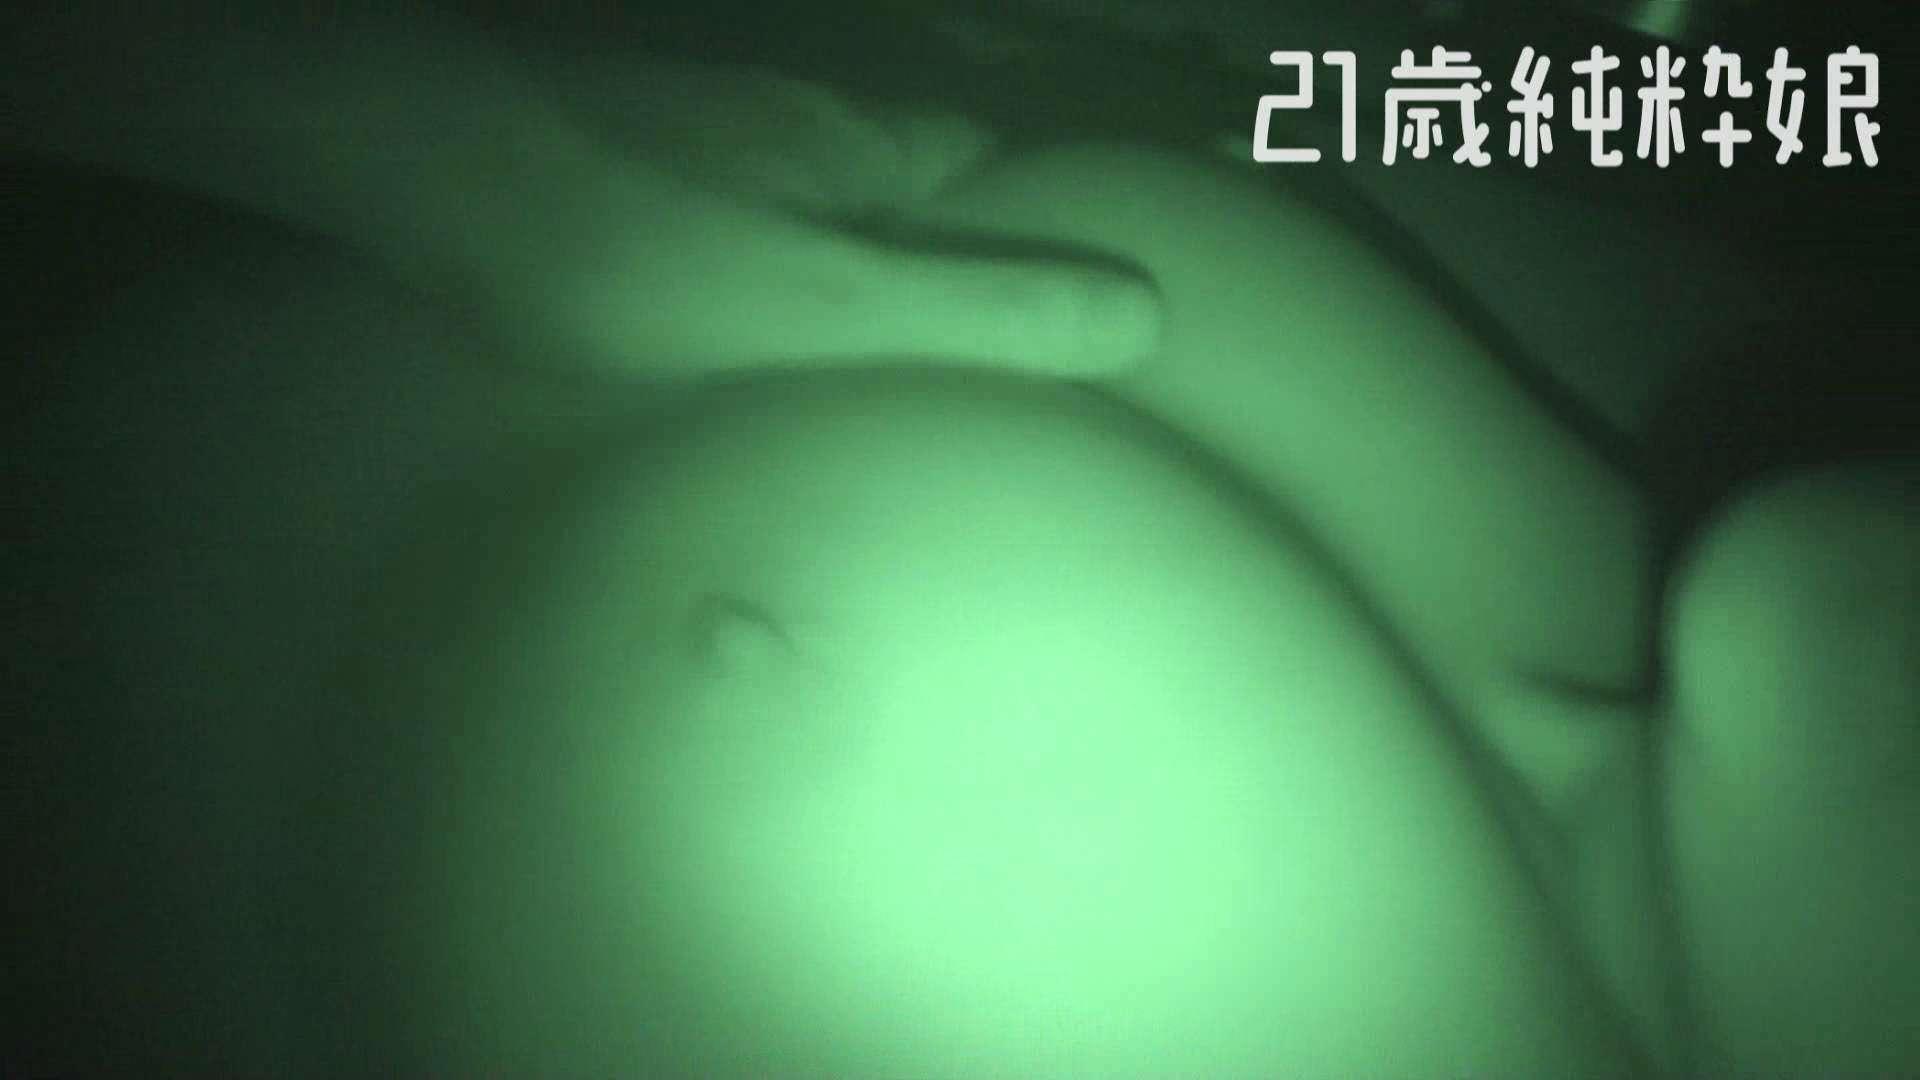 上京したばかりのGカップ21歳純粋嬢を都合の良い女にしてみた3 一般投稿  102pic 102